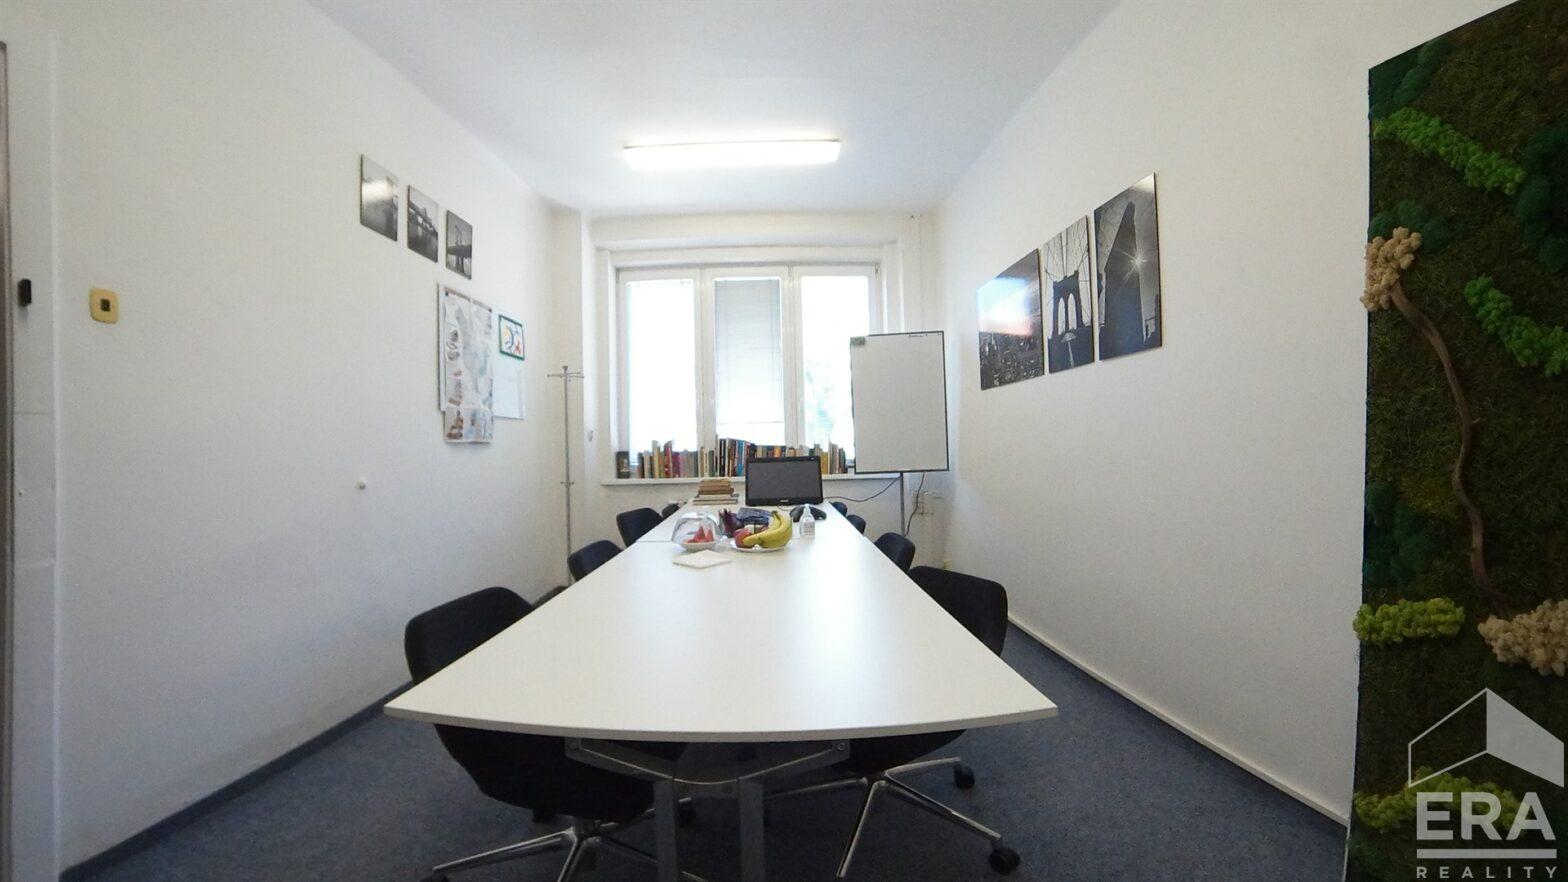 Pronájem kanceláří, 100 m2, ul. Velflíkova 10, Praha 6